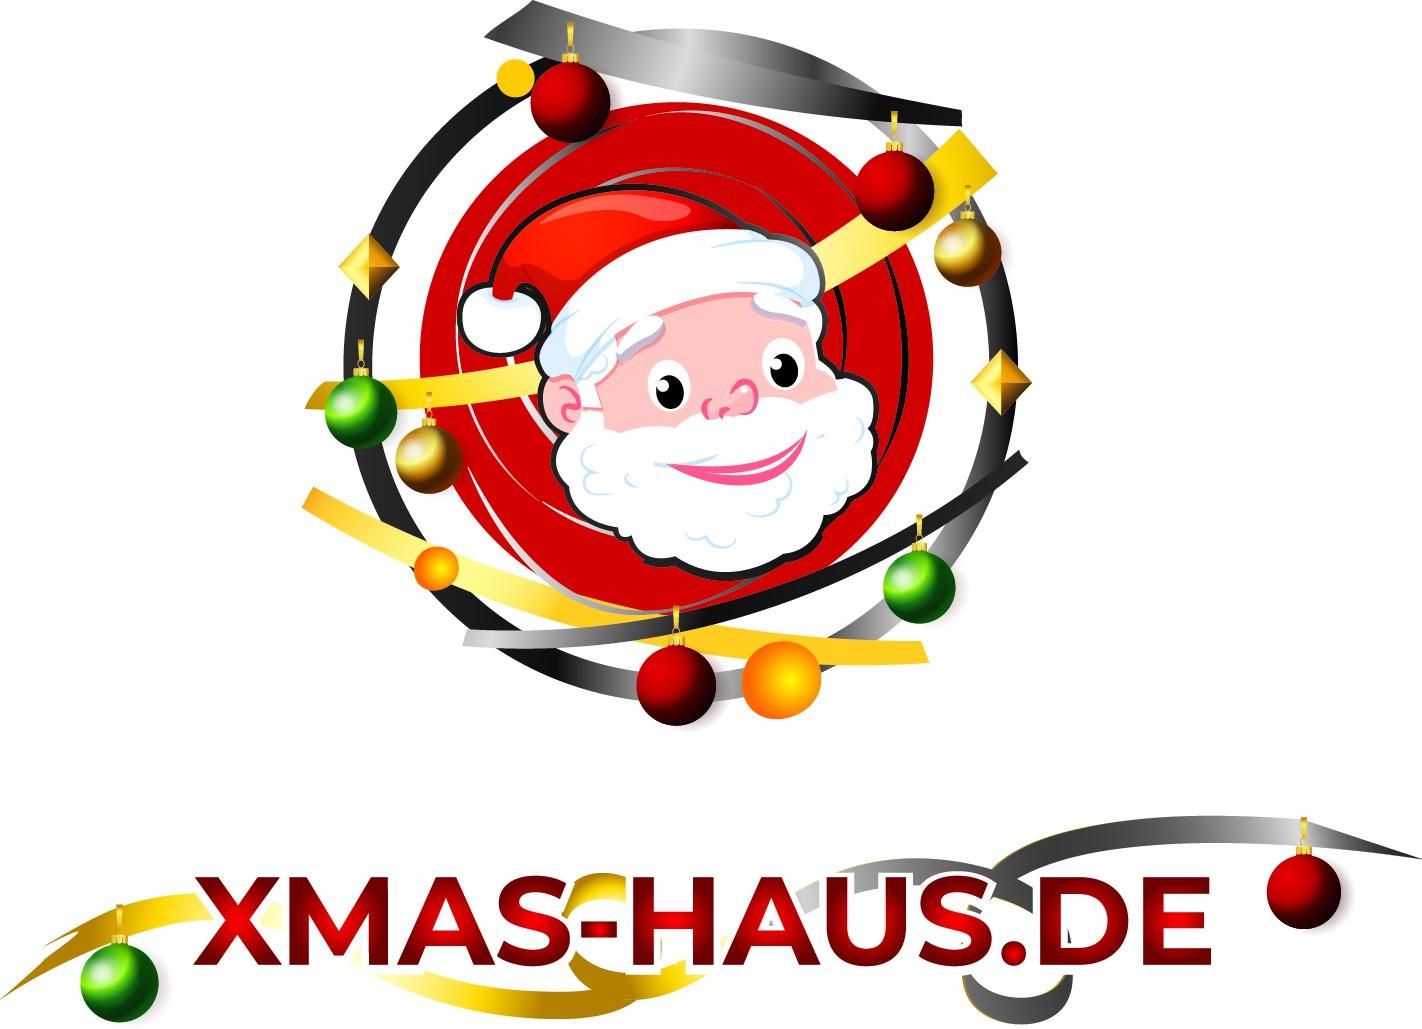 Einzigartig - Gestalten Sie mein Logo für ein XMAS-Haus!